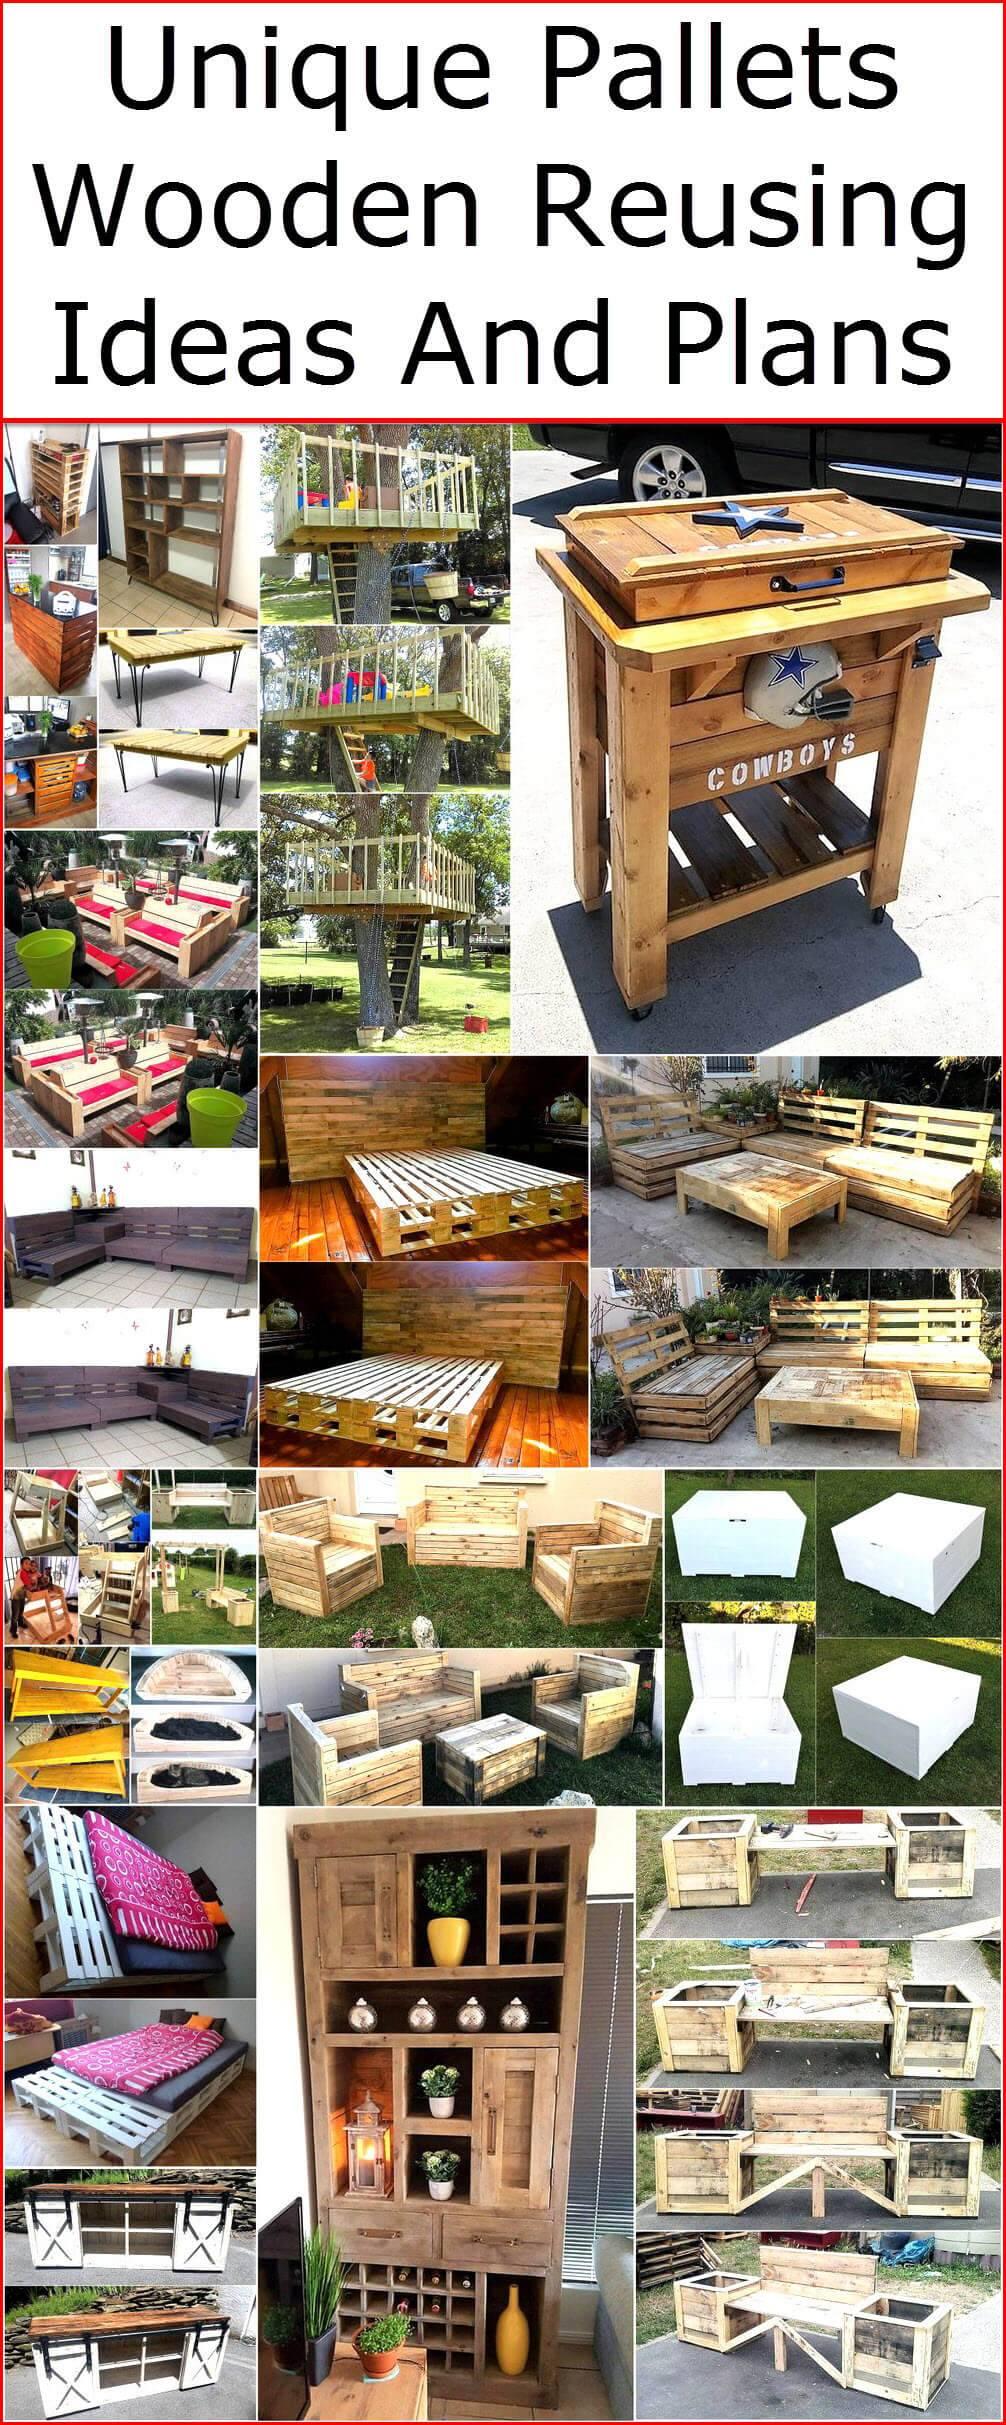 Unique Pallets Wooden Reusing Ideas And Plans